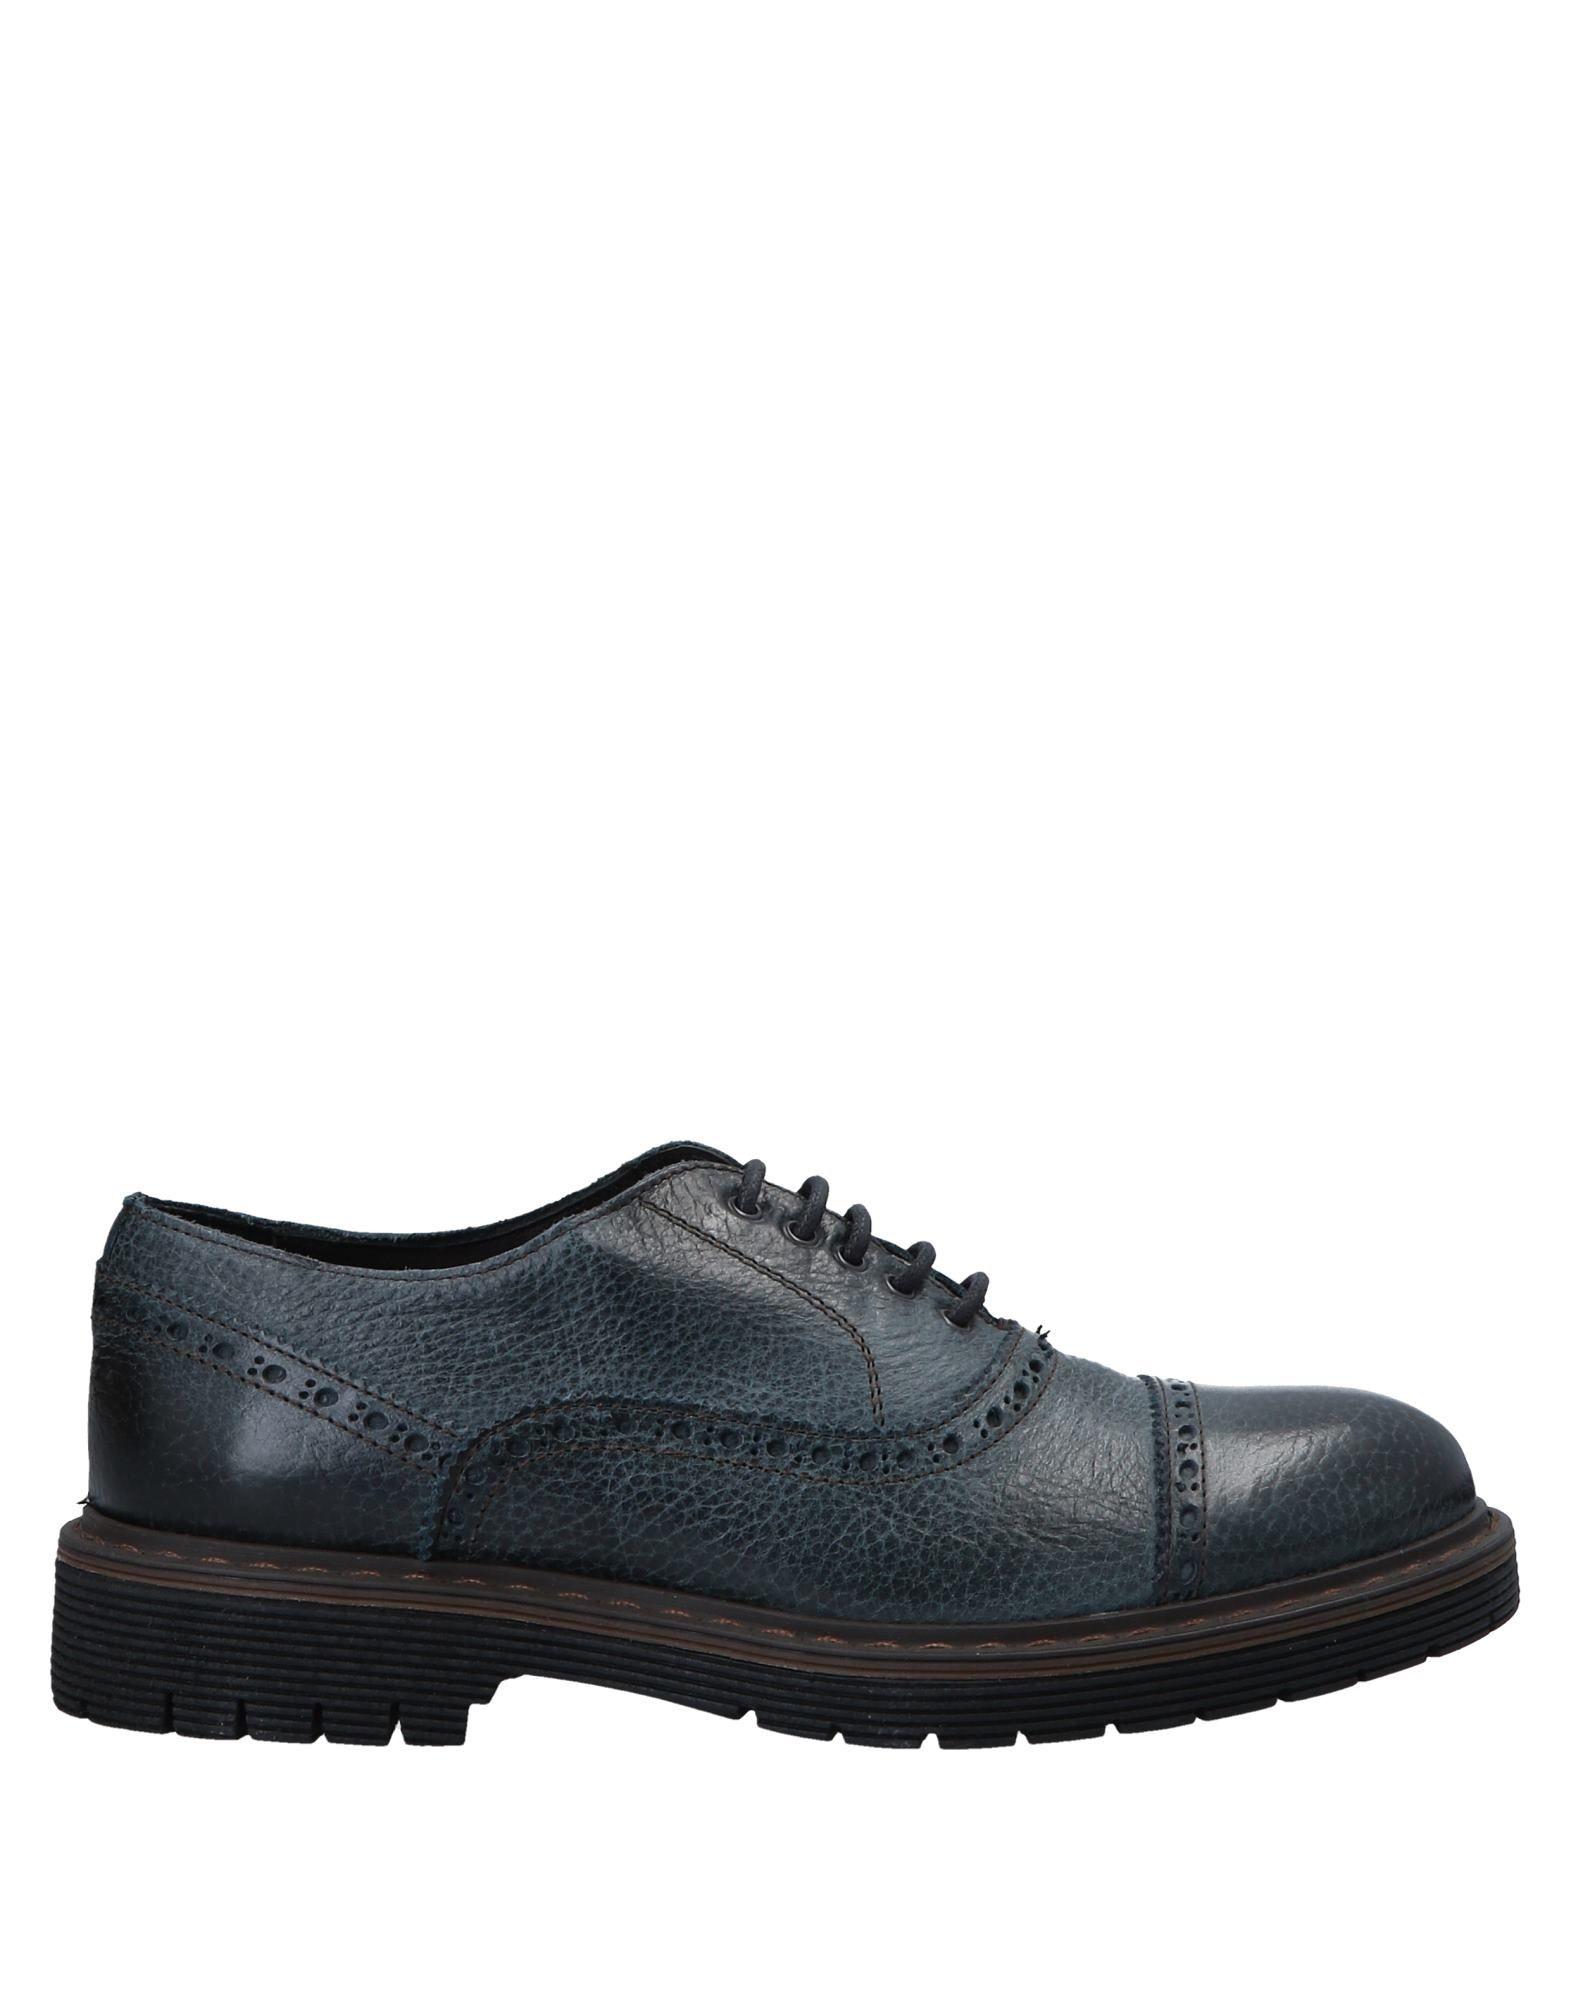 Los Zapatos De mujeres más populares para hombres y mujeres De Zapato De e41379